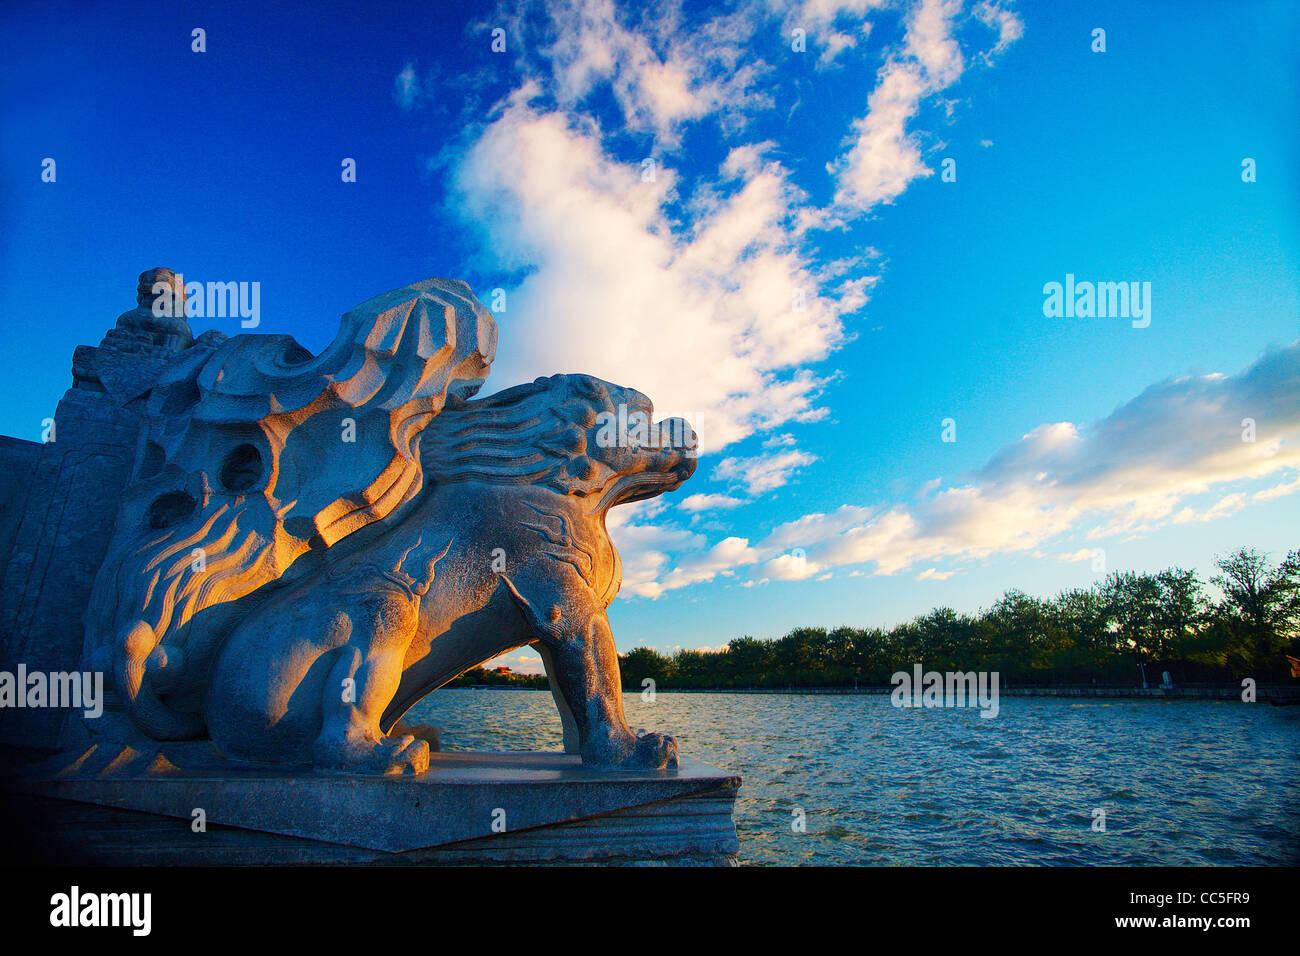 Escultura de piedra en el puente Seventeen-Arch Qilin, Palacio de Verano, Beijing, China Imagen De Stock